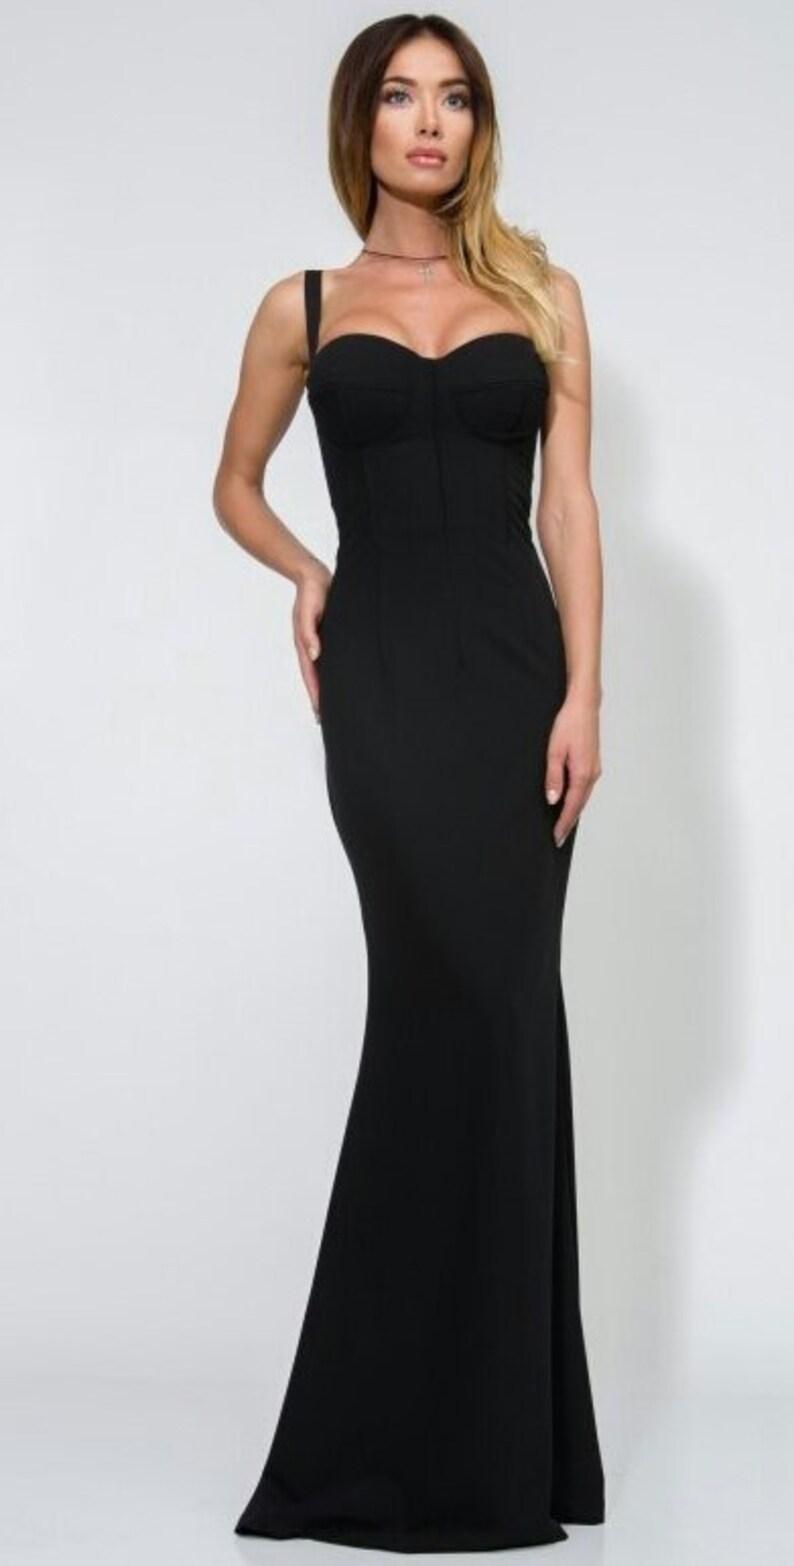 half off c622d 10505 Nero lungo abito Open spalle Sera abito elegante nero maxi abito nero abito  a pavimento Occasion Dress